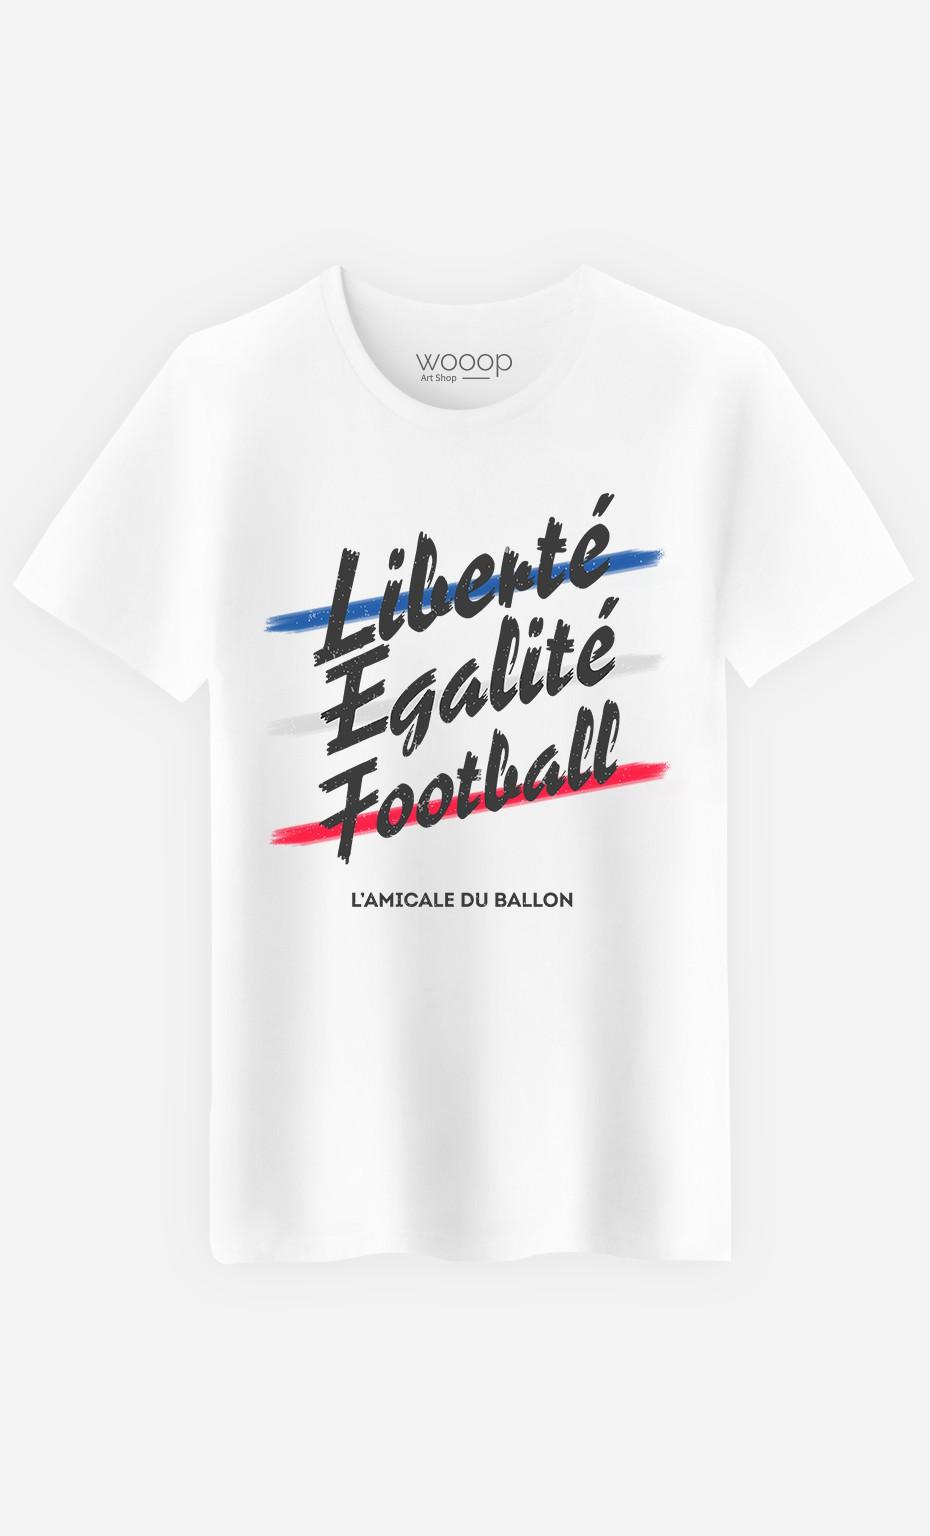 T-Shirt Homme Liberté Egalité Football